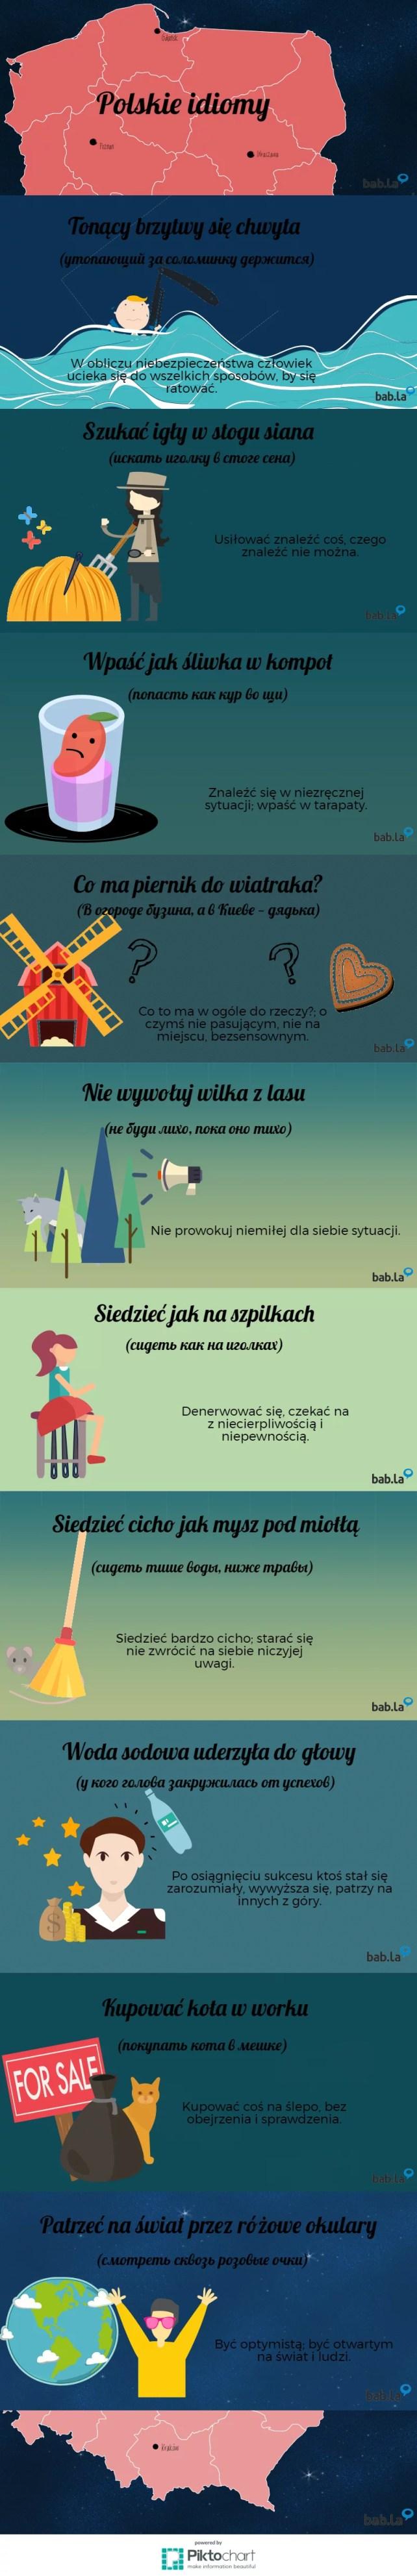 polskie idiomy - infografika